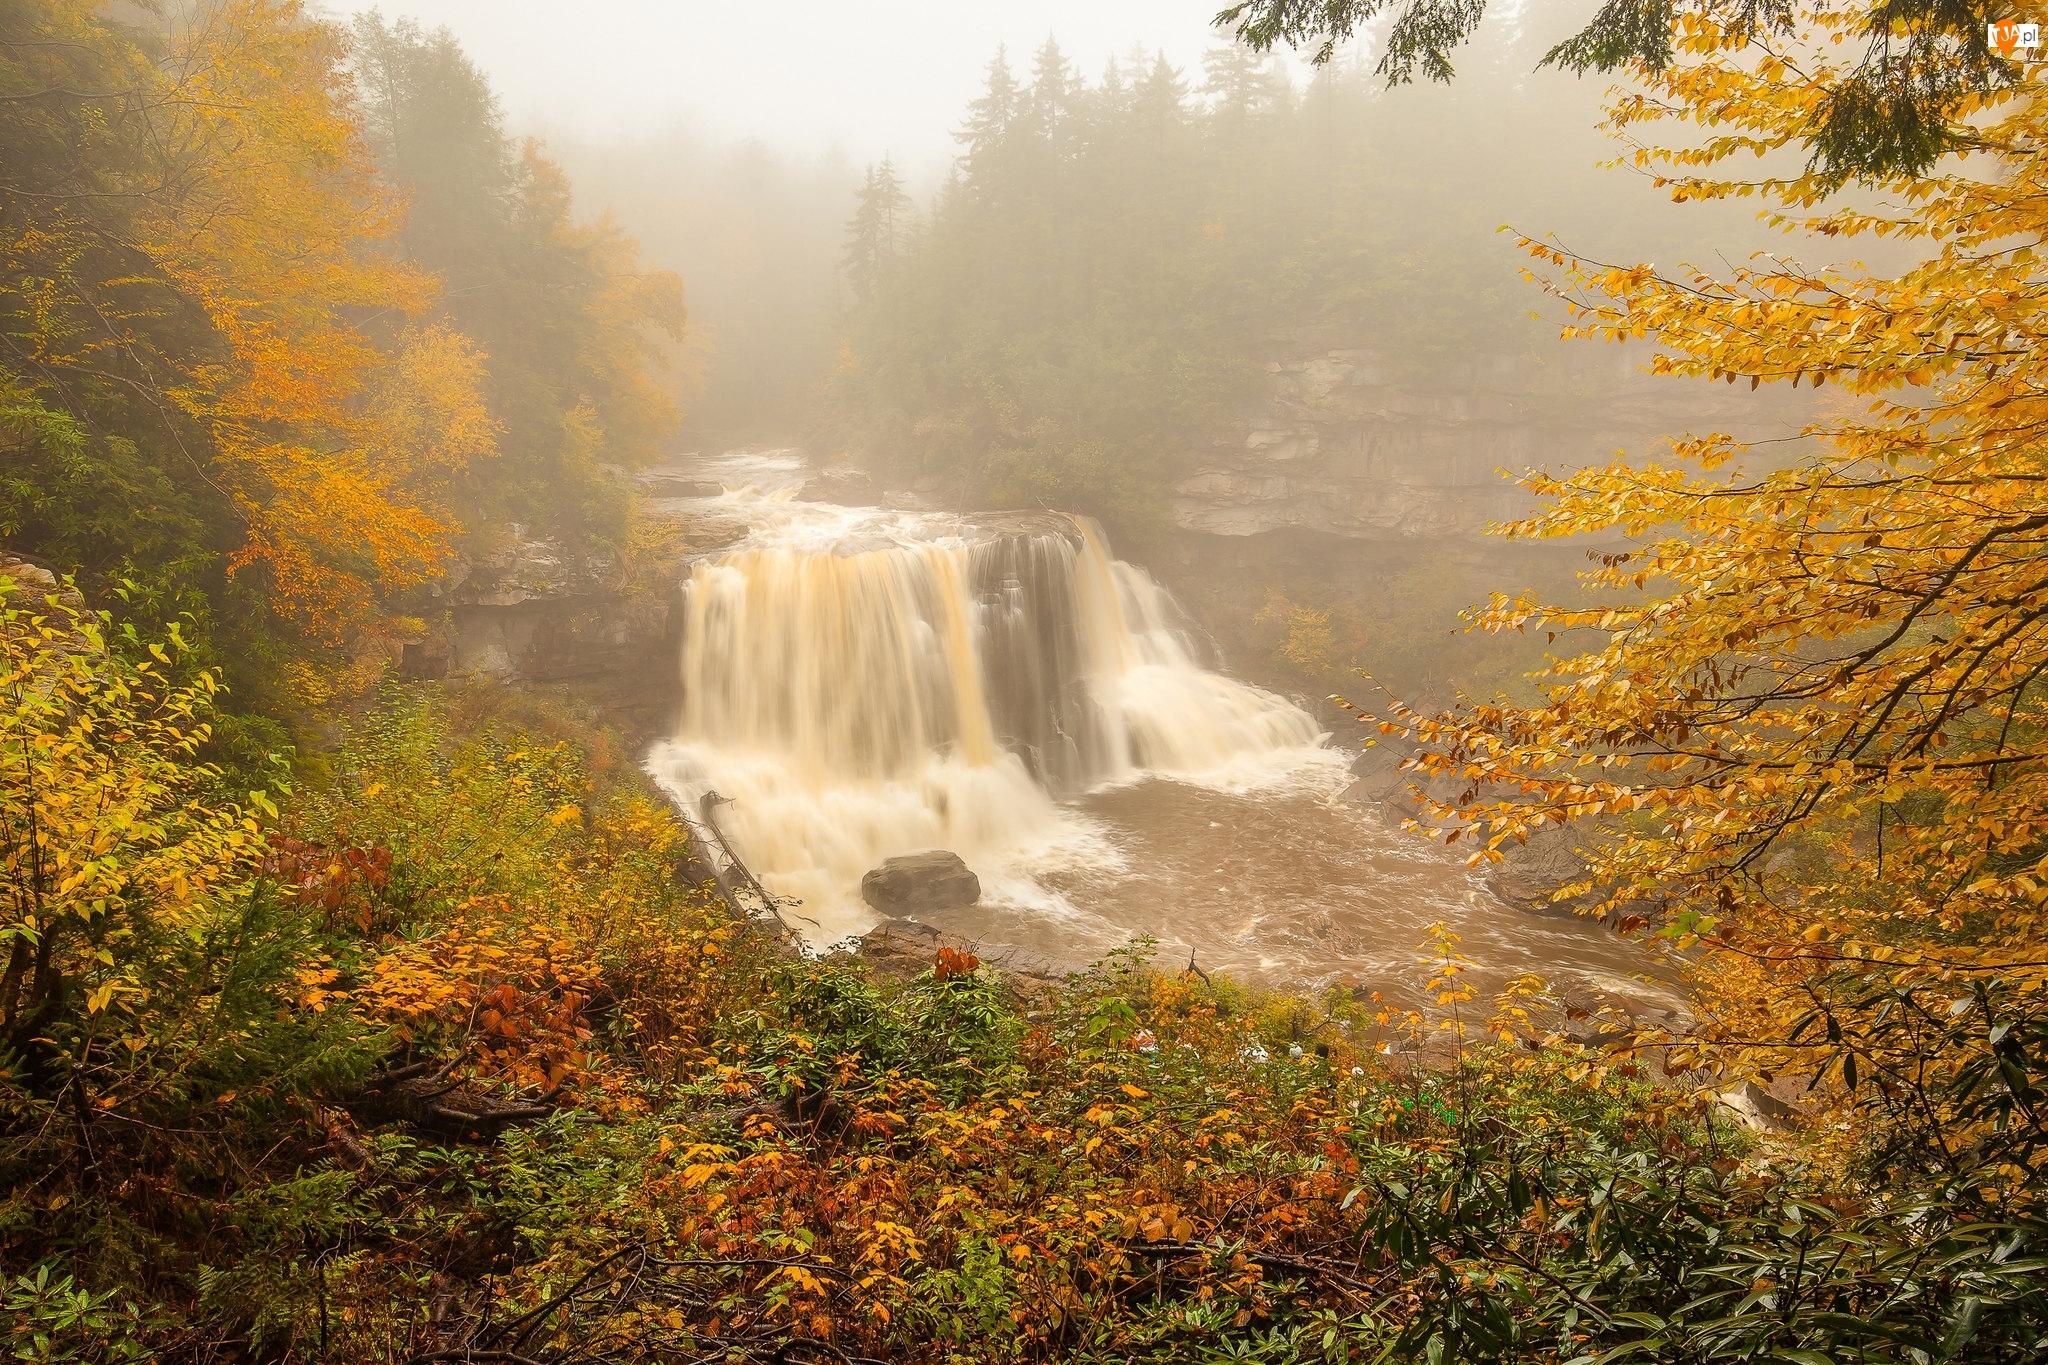 Rzeka, Wodospad, Roslinność, Jesień, Skały, Drzewa, Mgła